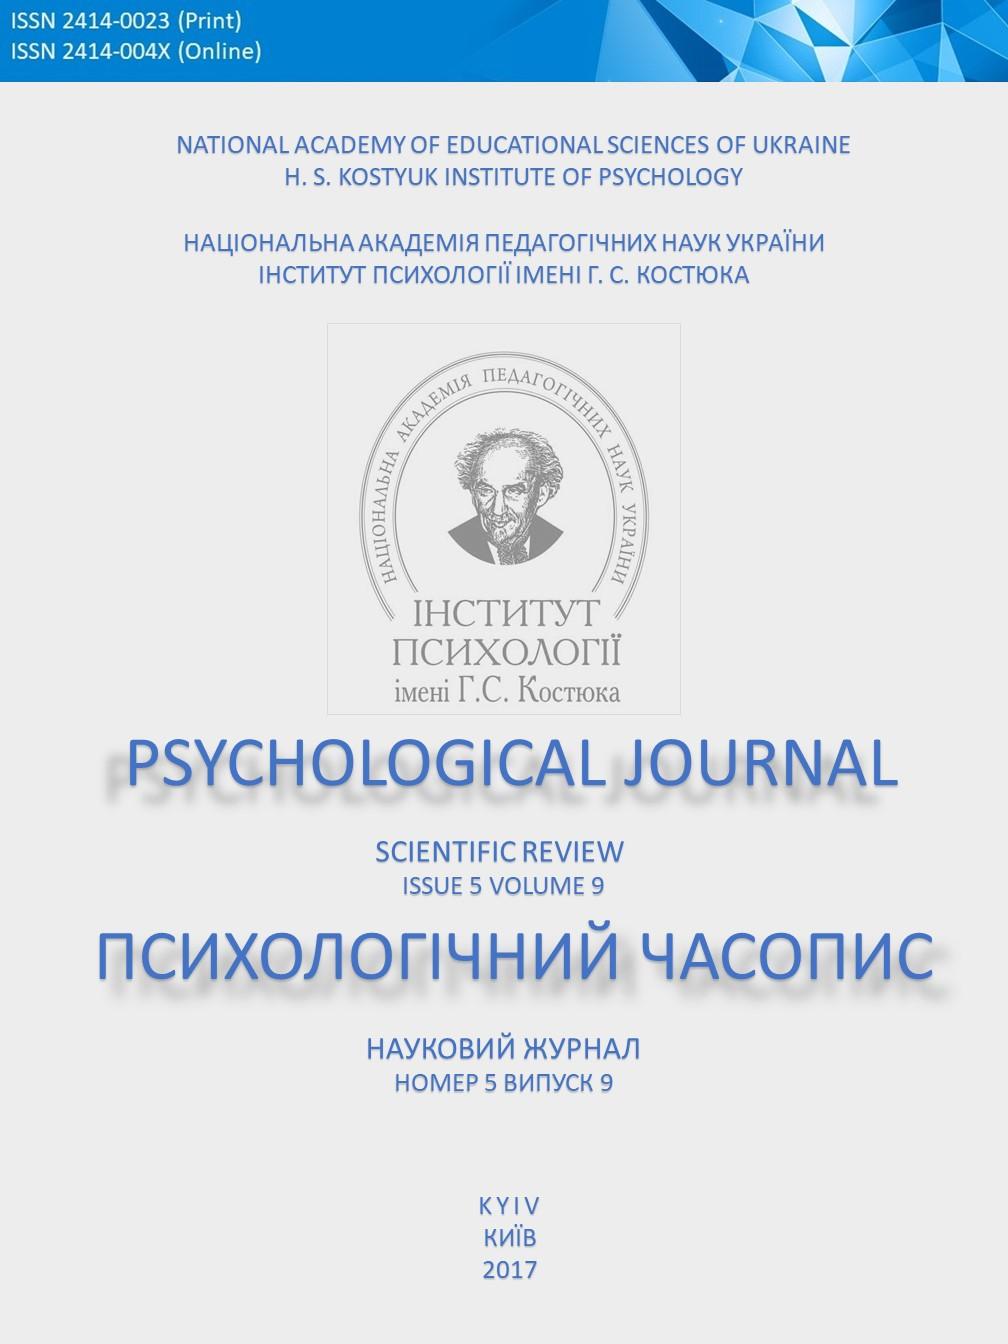 psychological journal, психологічний журнал, психологический журнал, психология, psychology, science, review, наукова публікація, научная публикация, статья